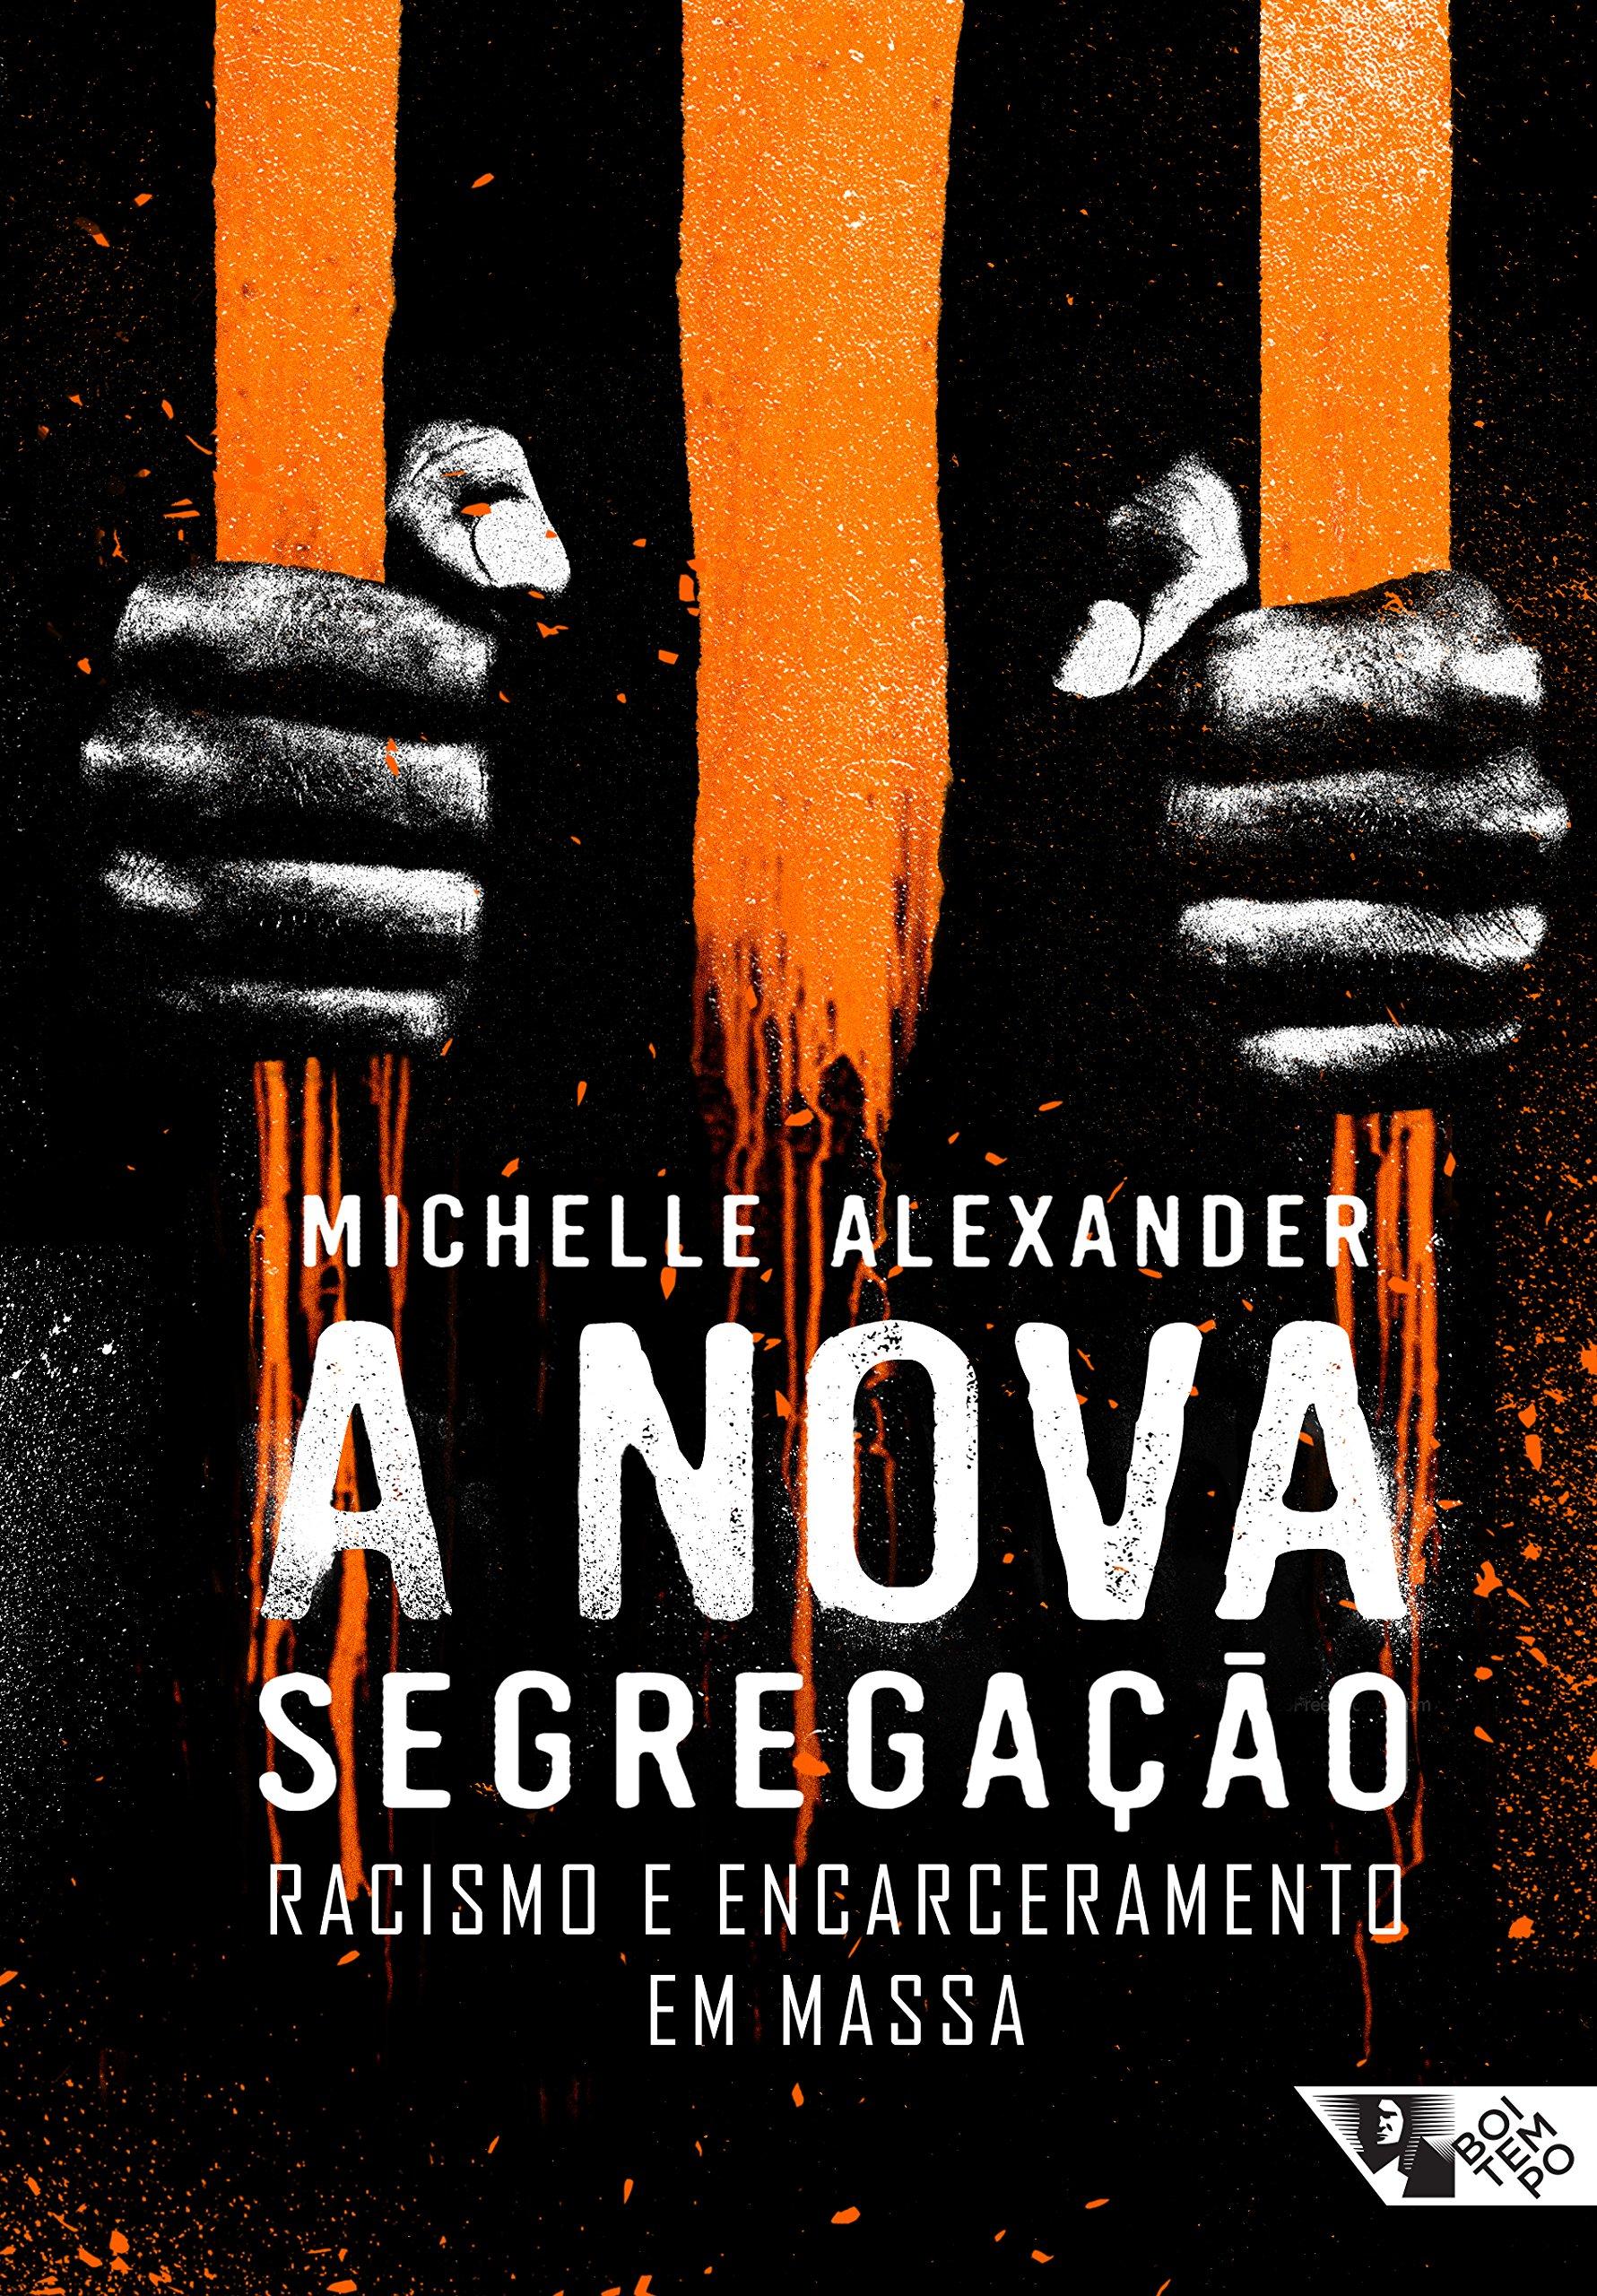 Michel Wieviorka - O Racismo, uma introdução - à venda ...